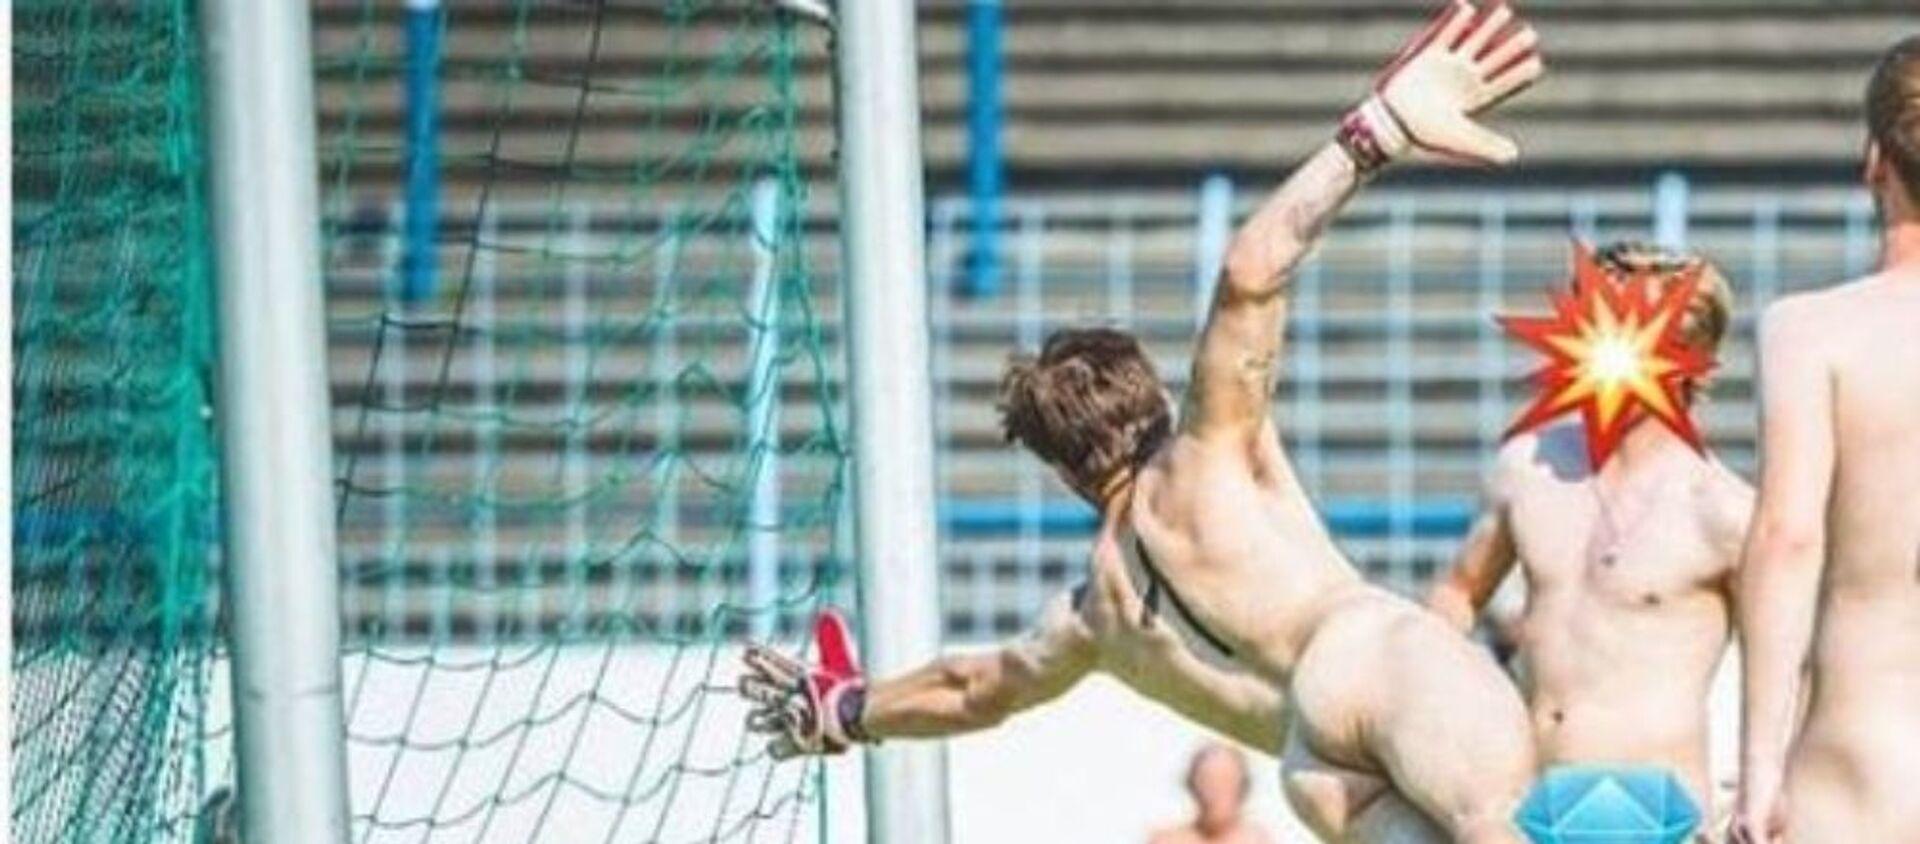 Παίκτες παίζουν ποδόσφαιρο γυμνοί - Sputnik Ελλάδα, 1920, 17.08.2020